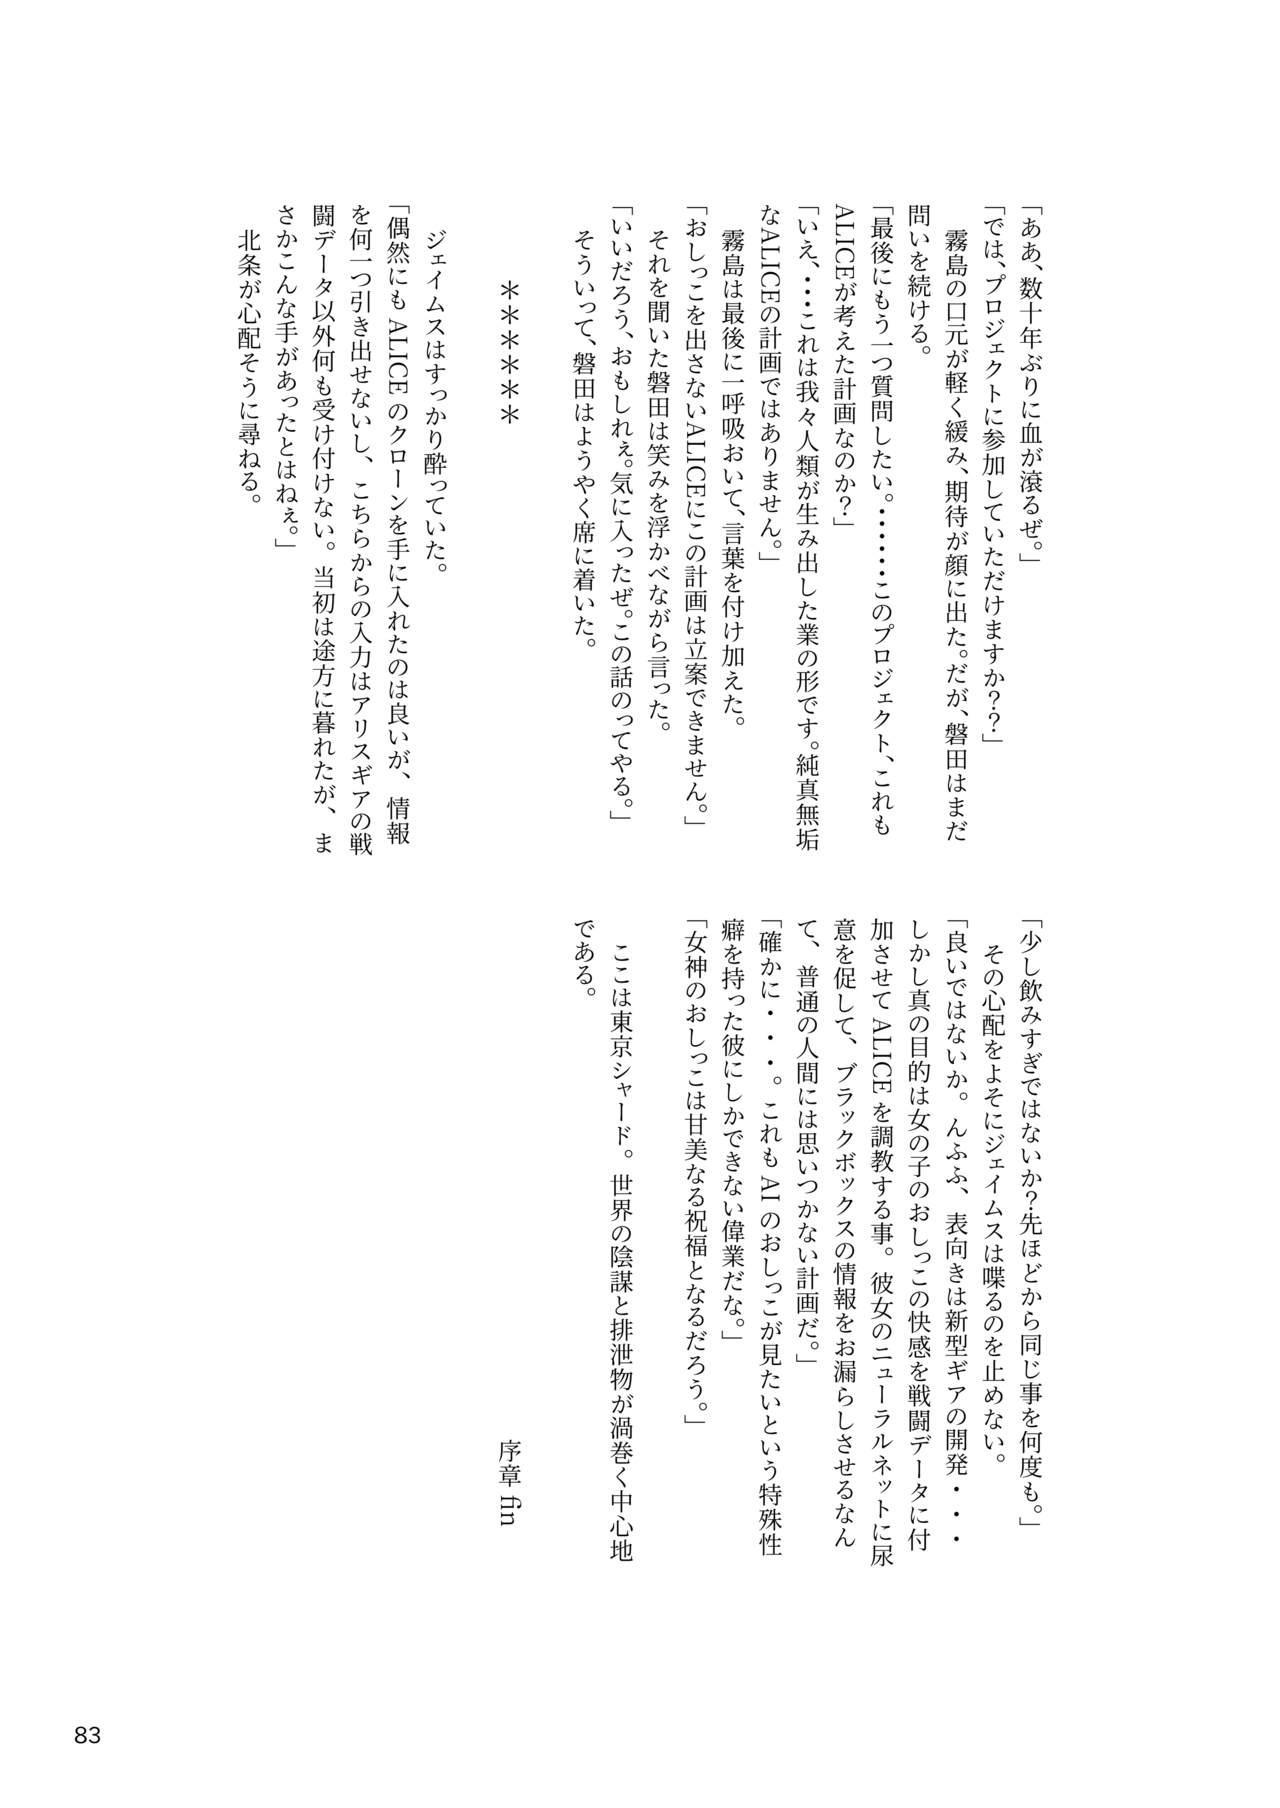 ア○スギア総合スカトロアンソロジー アクトレス排泄実態調査任務~スカポためるっすか!?~ 82